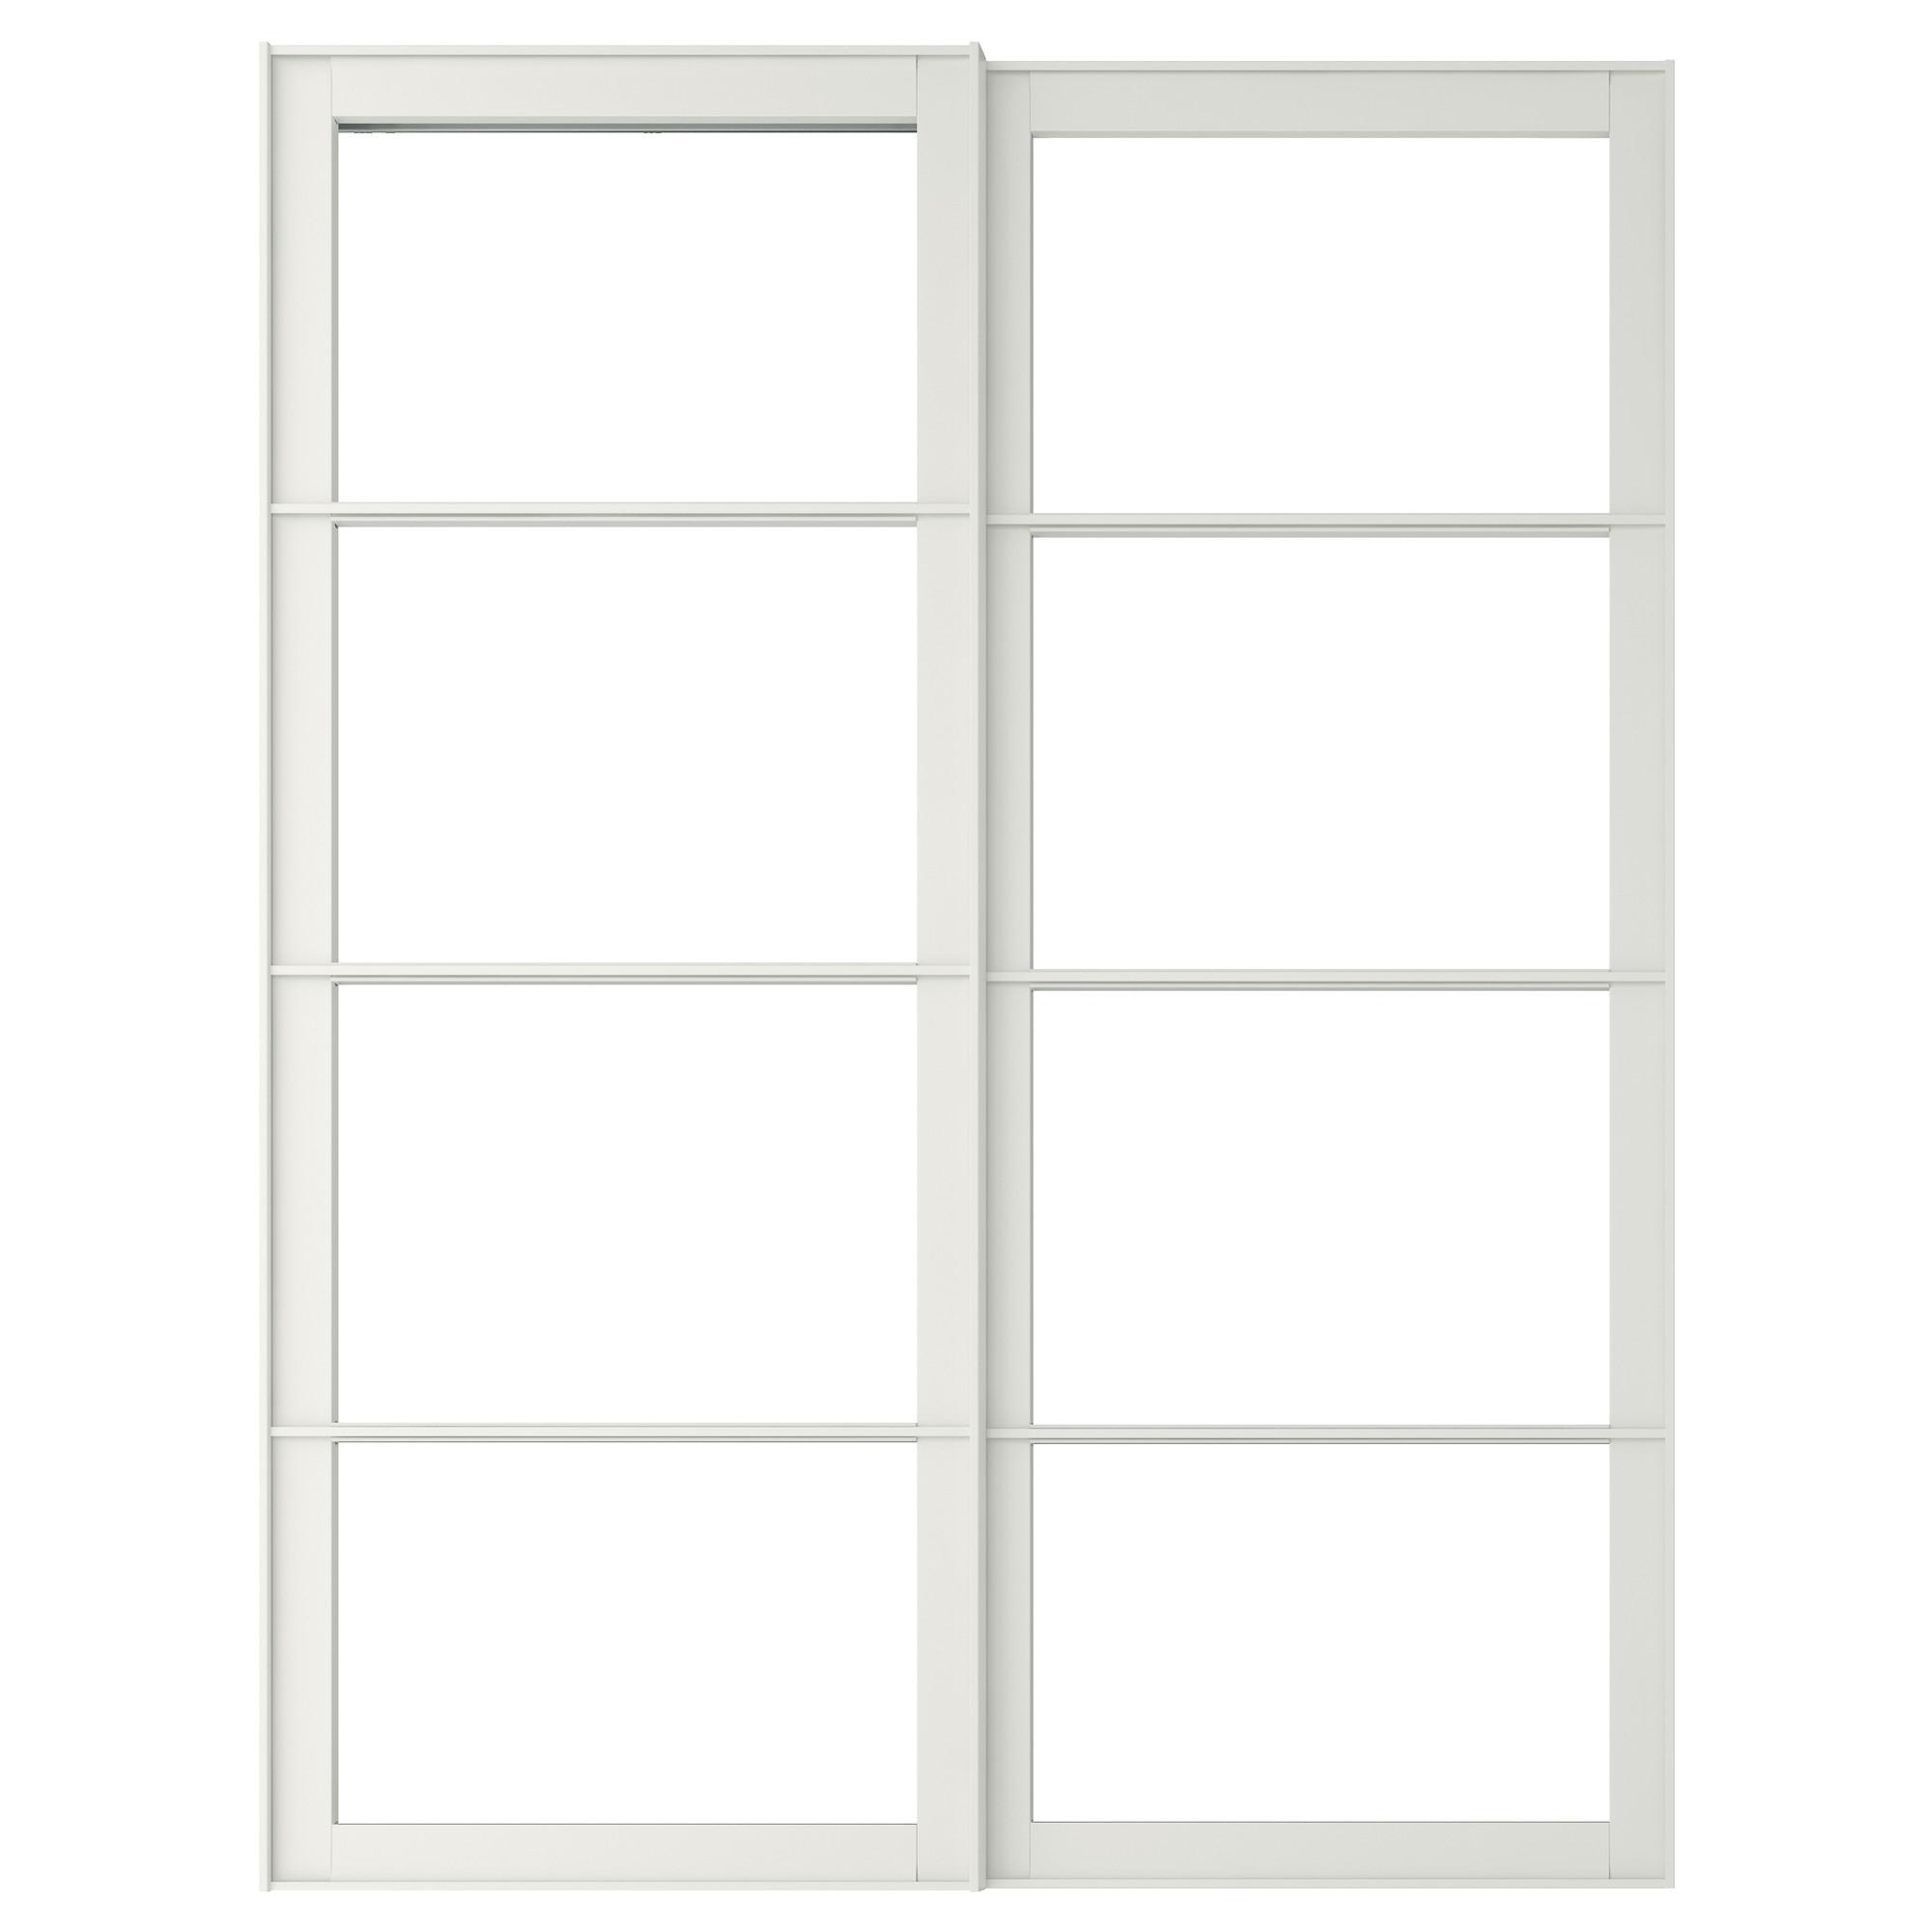 Pax riel para puertas correderas 150x236 - Riel puerta corredera ...